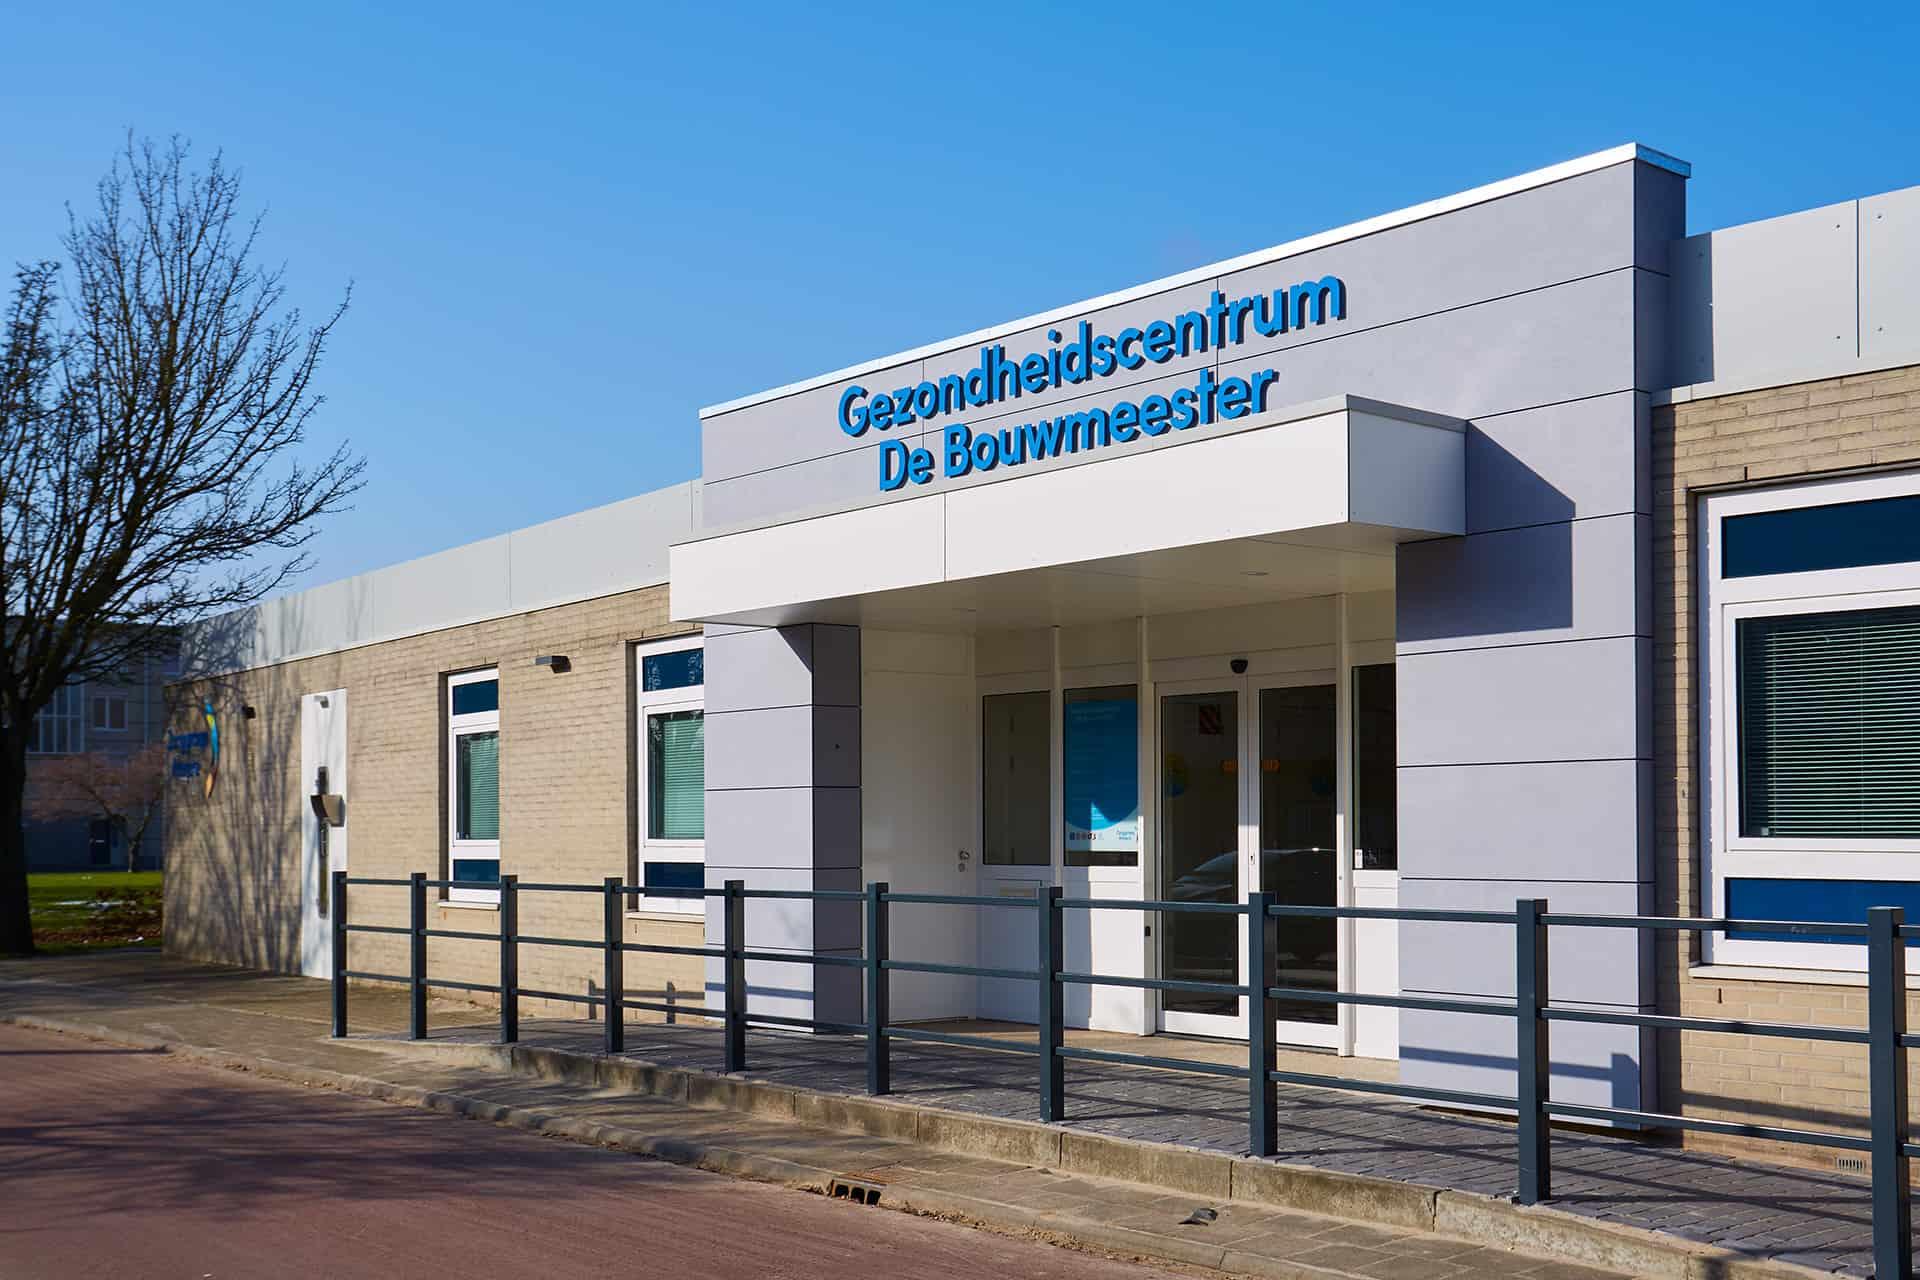 Pand Gezondheidscentrum De Bouwmeester